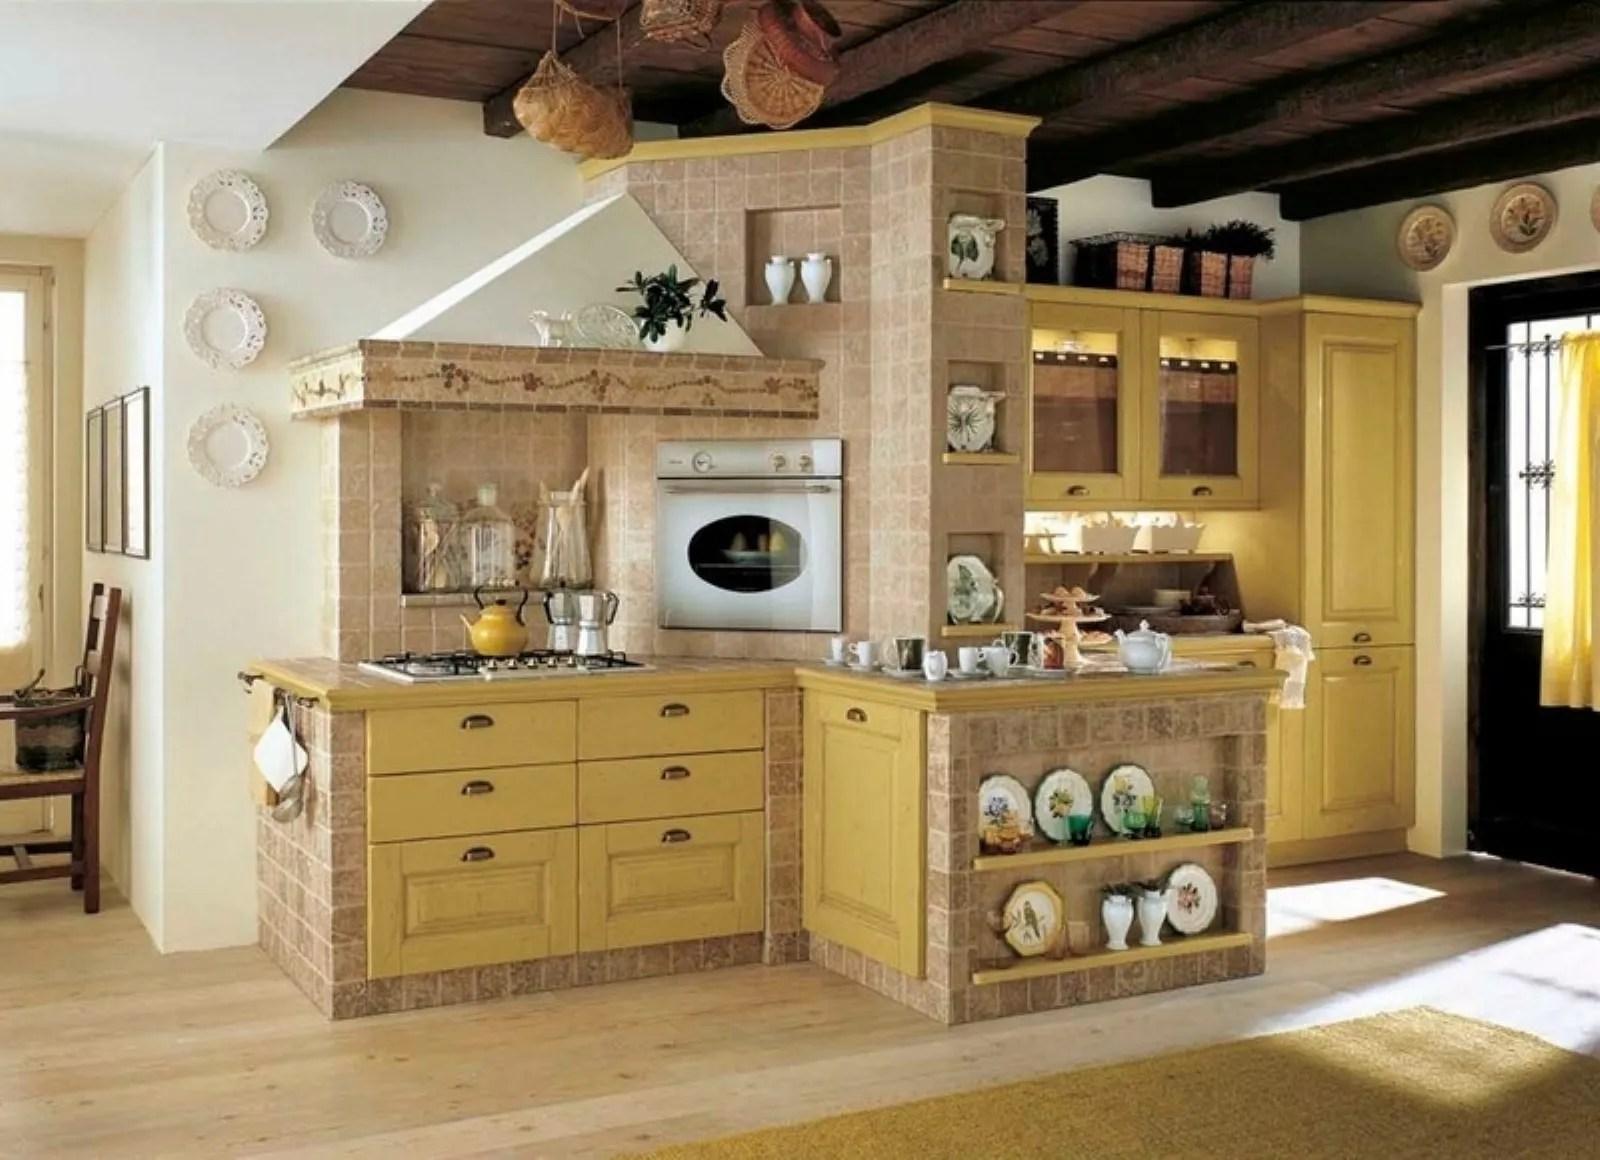 Restyling di una cucina ikea   chic kitchen, shabby chic … cucine in country nere / cucine ikea le novita del … cucine con l'isola: I Modelli Di Cucine Country Di Ikea